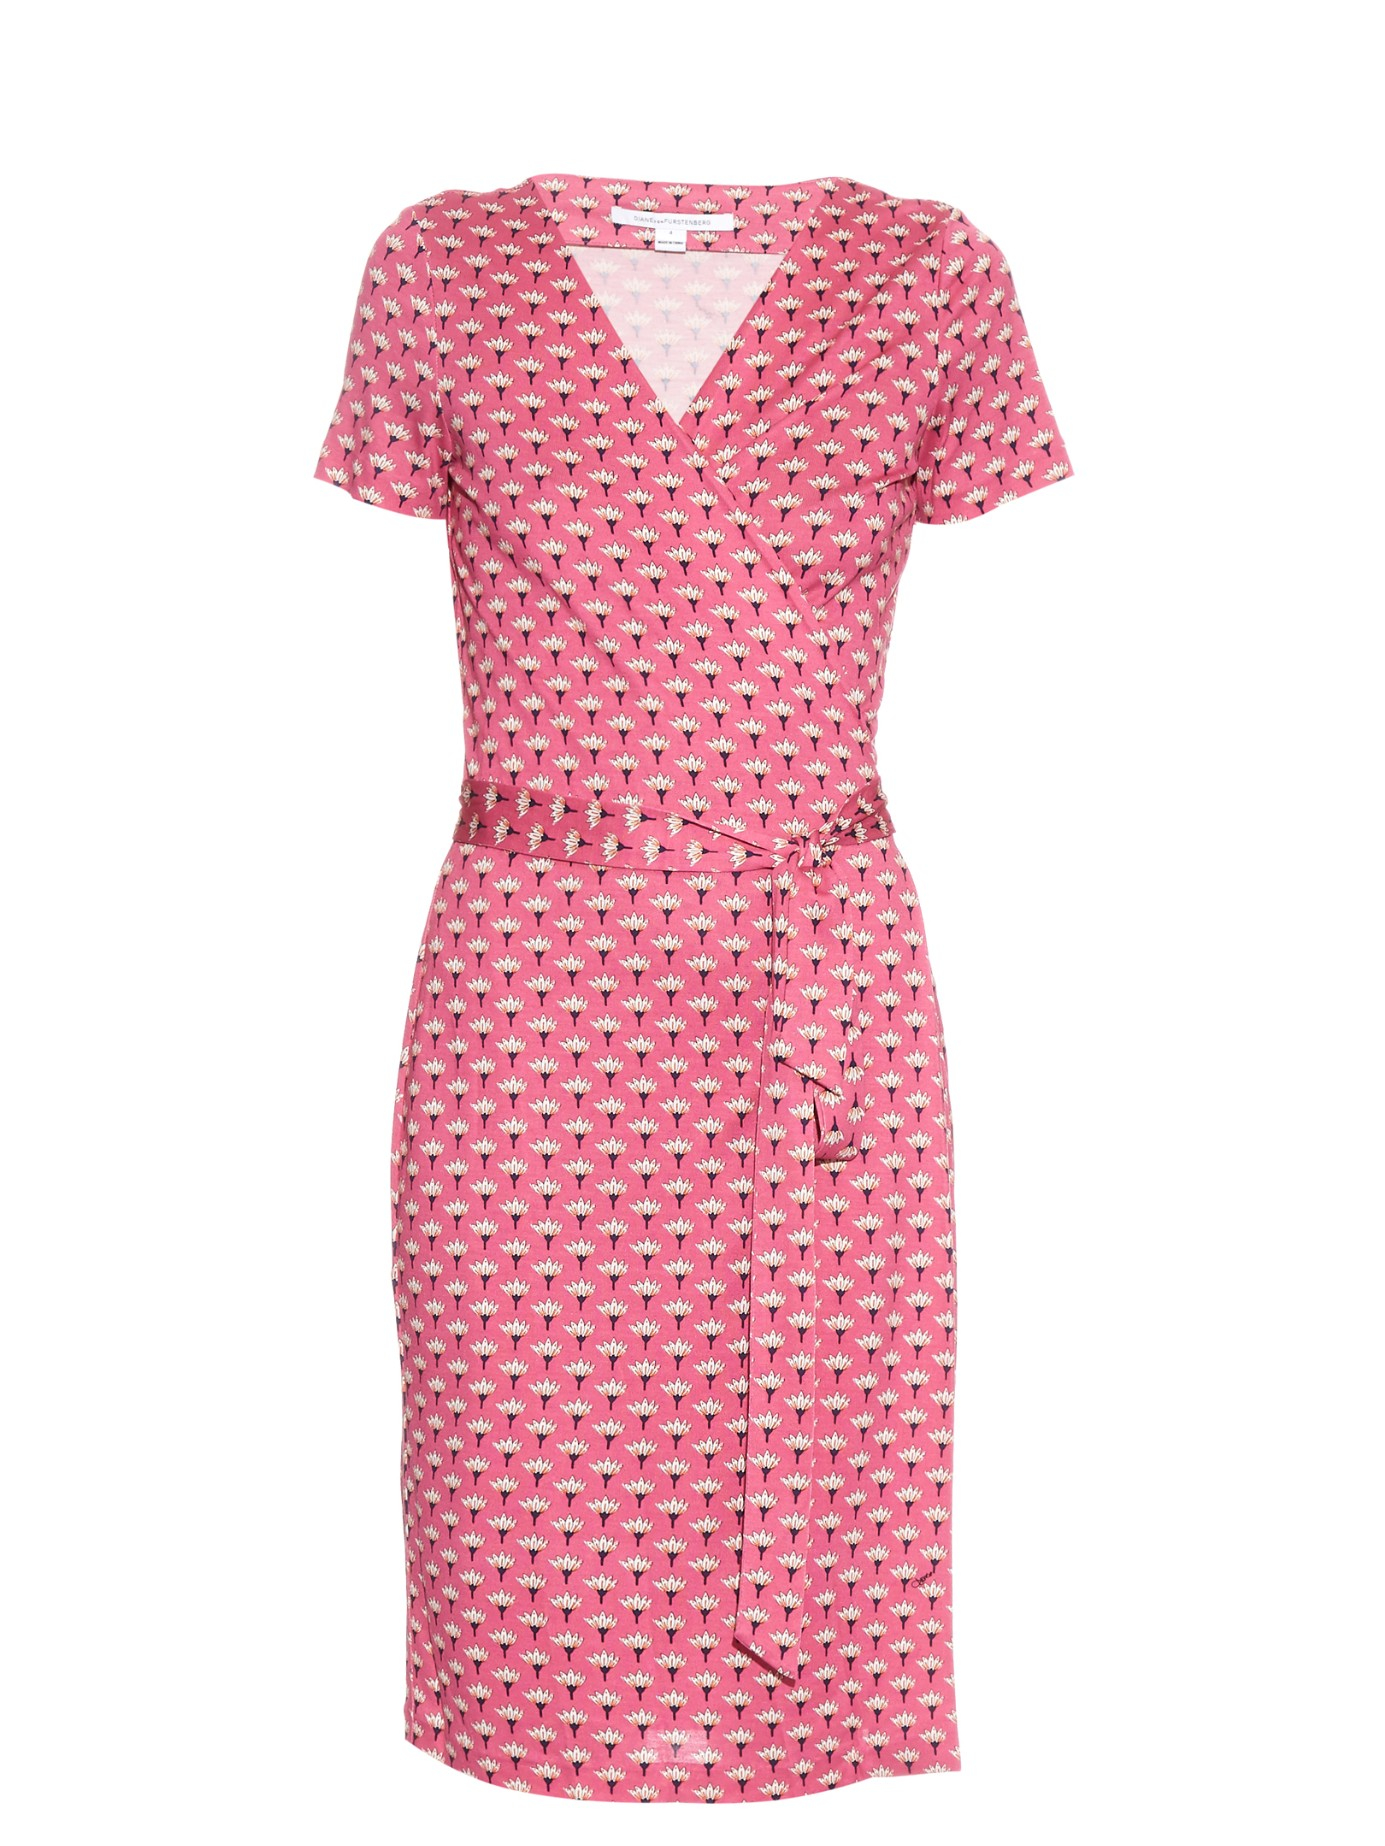 ab347d71f29 Diane von Furstenberg New Julian Two Dress in Pink - Lyst